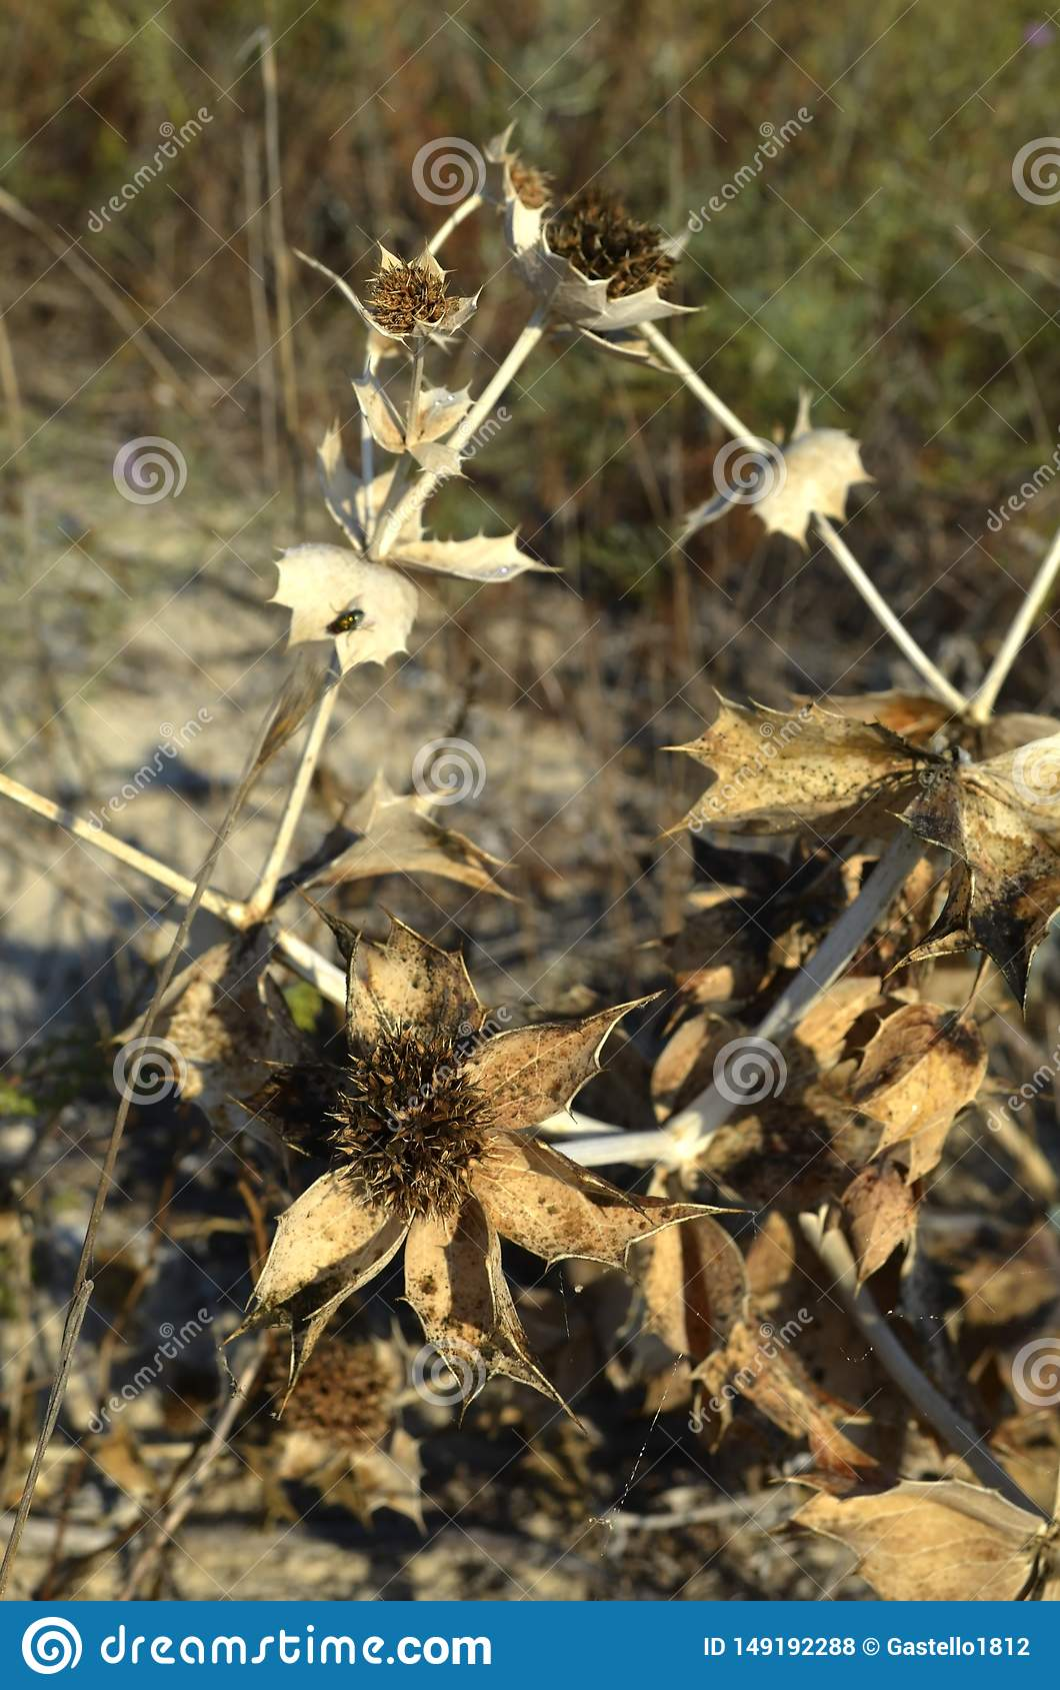 自然,植物,树,叶子,宏指令,森林,棕色,干燥,花,叶子,绿色,特写镜头,草,秋天,纹理,蜘蛛,木头,杉木,